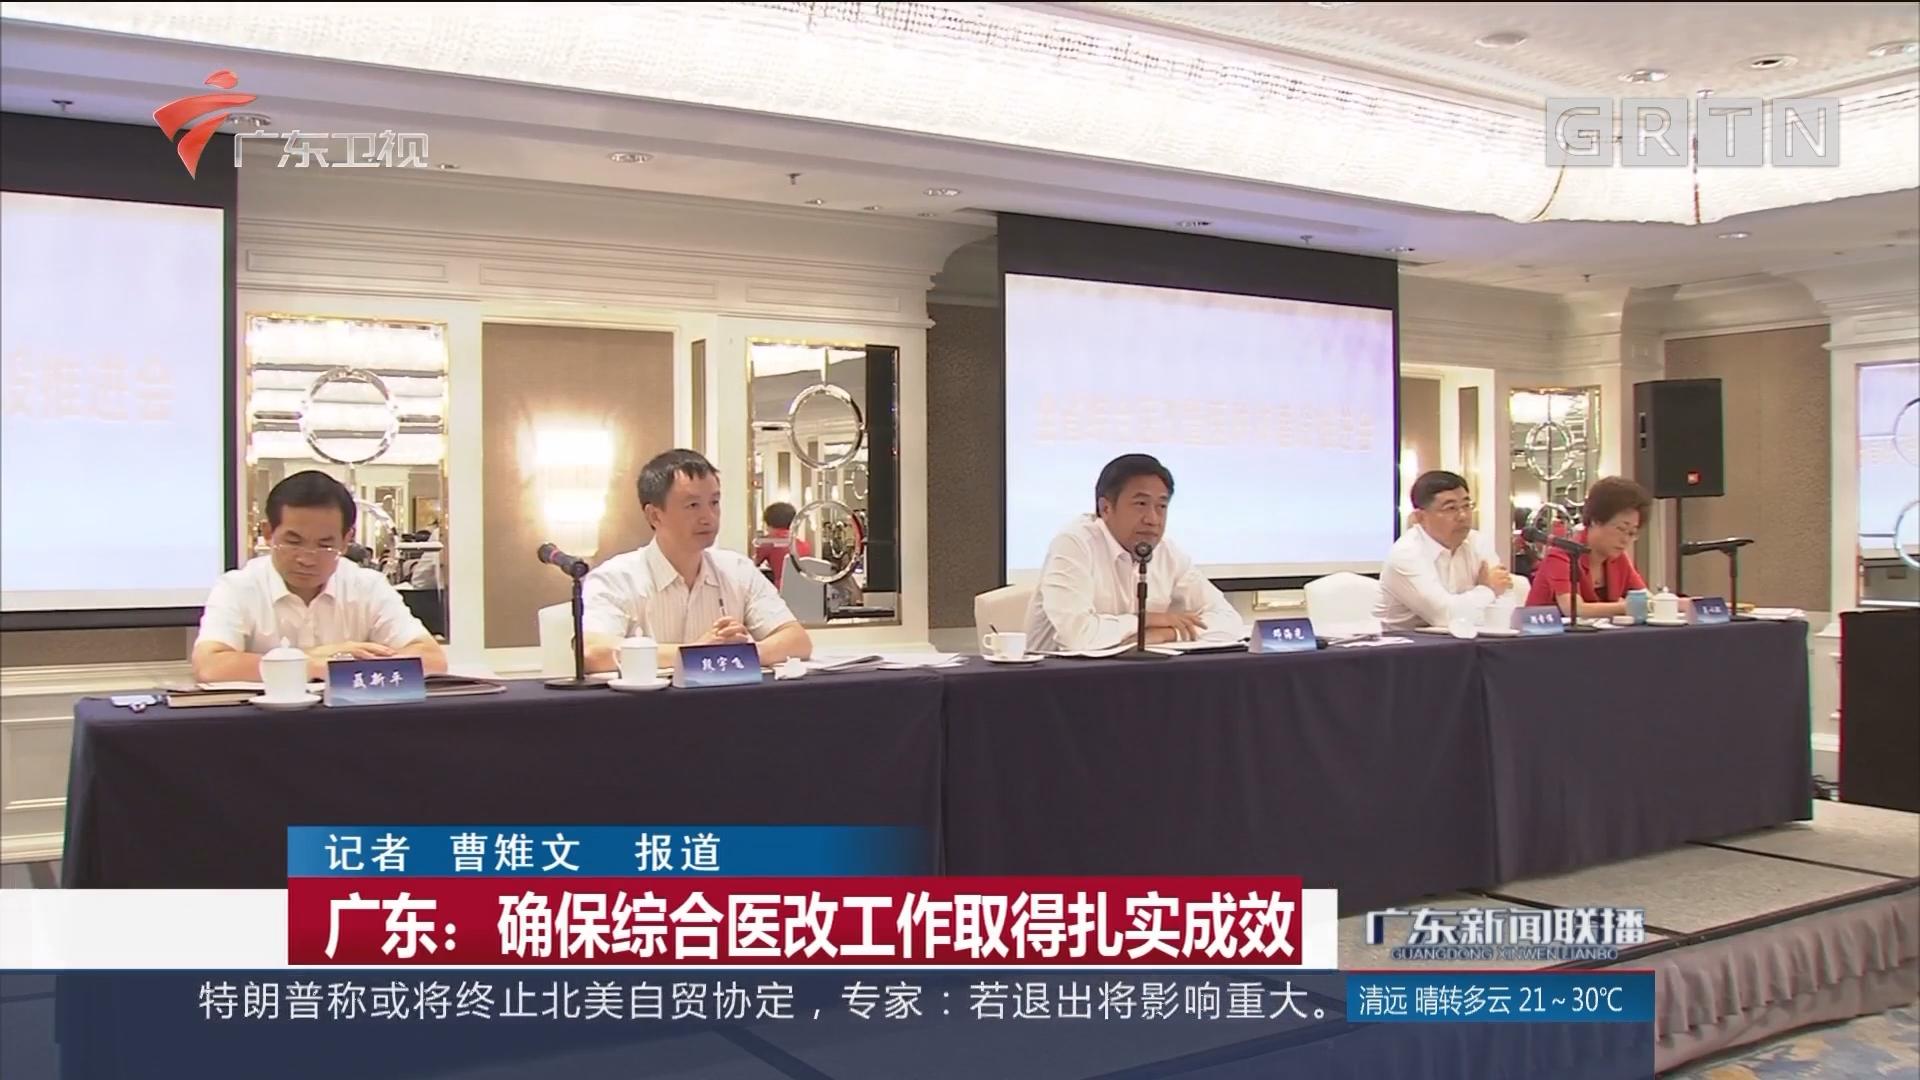 广东:确保综合医改工作取得扎实成效